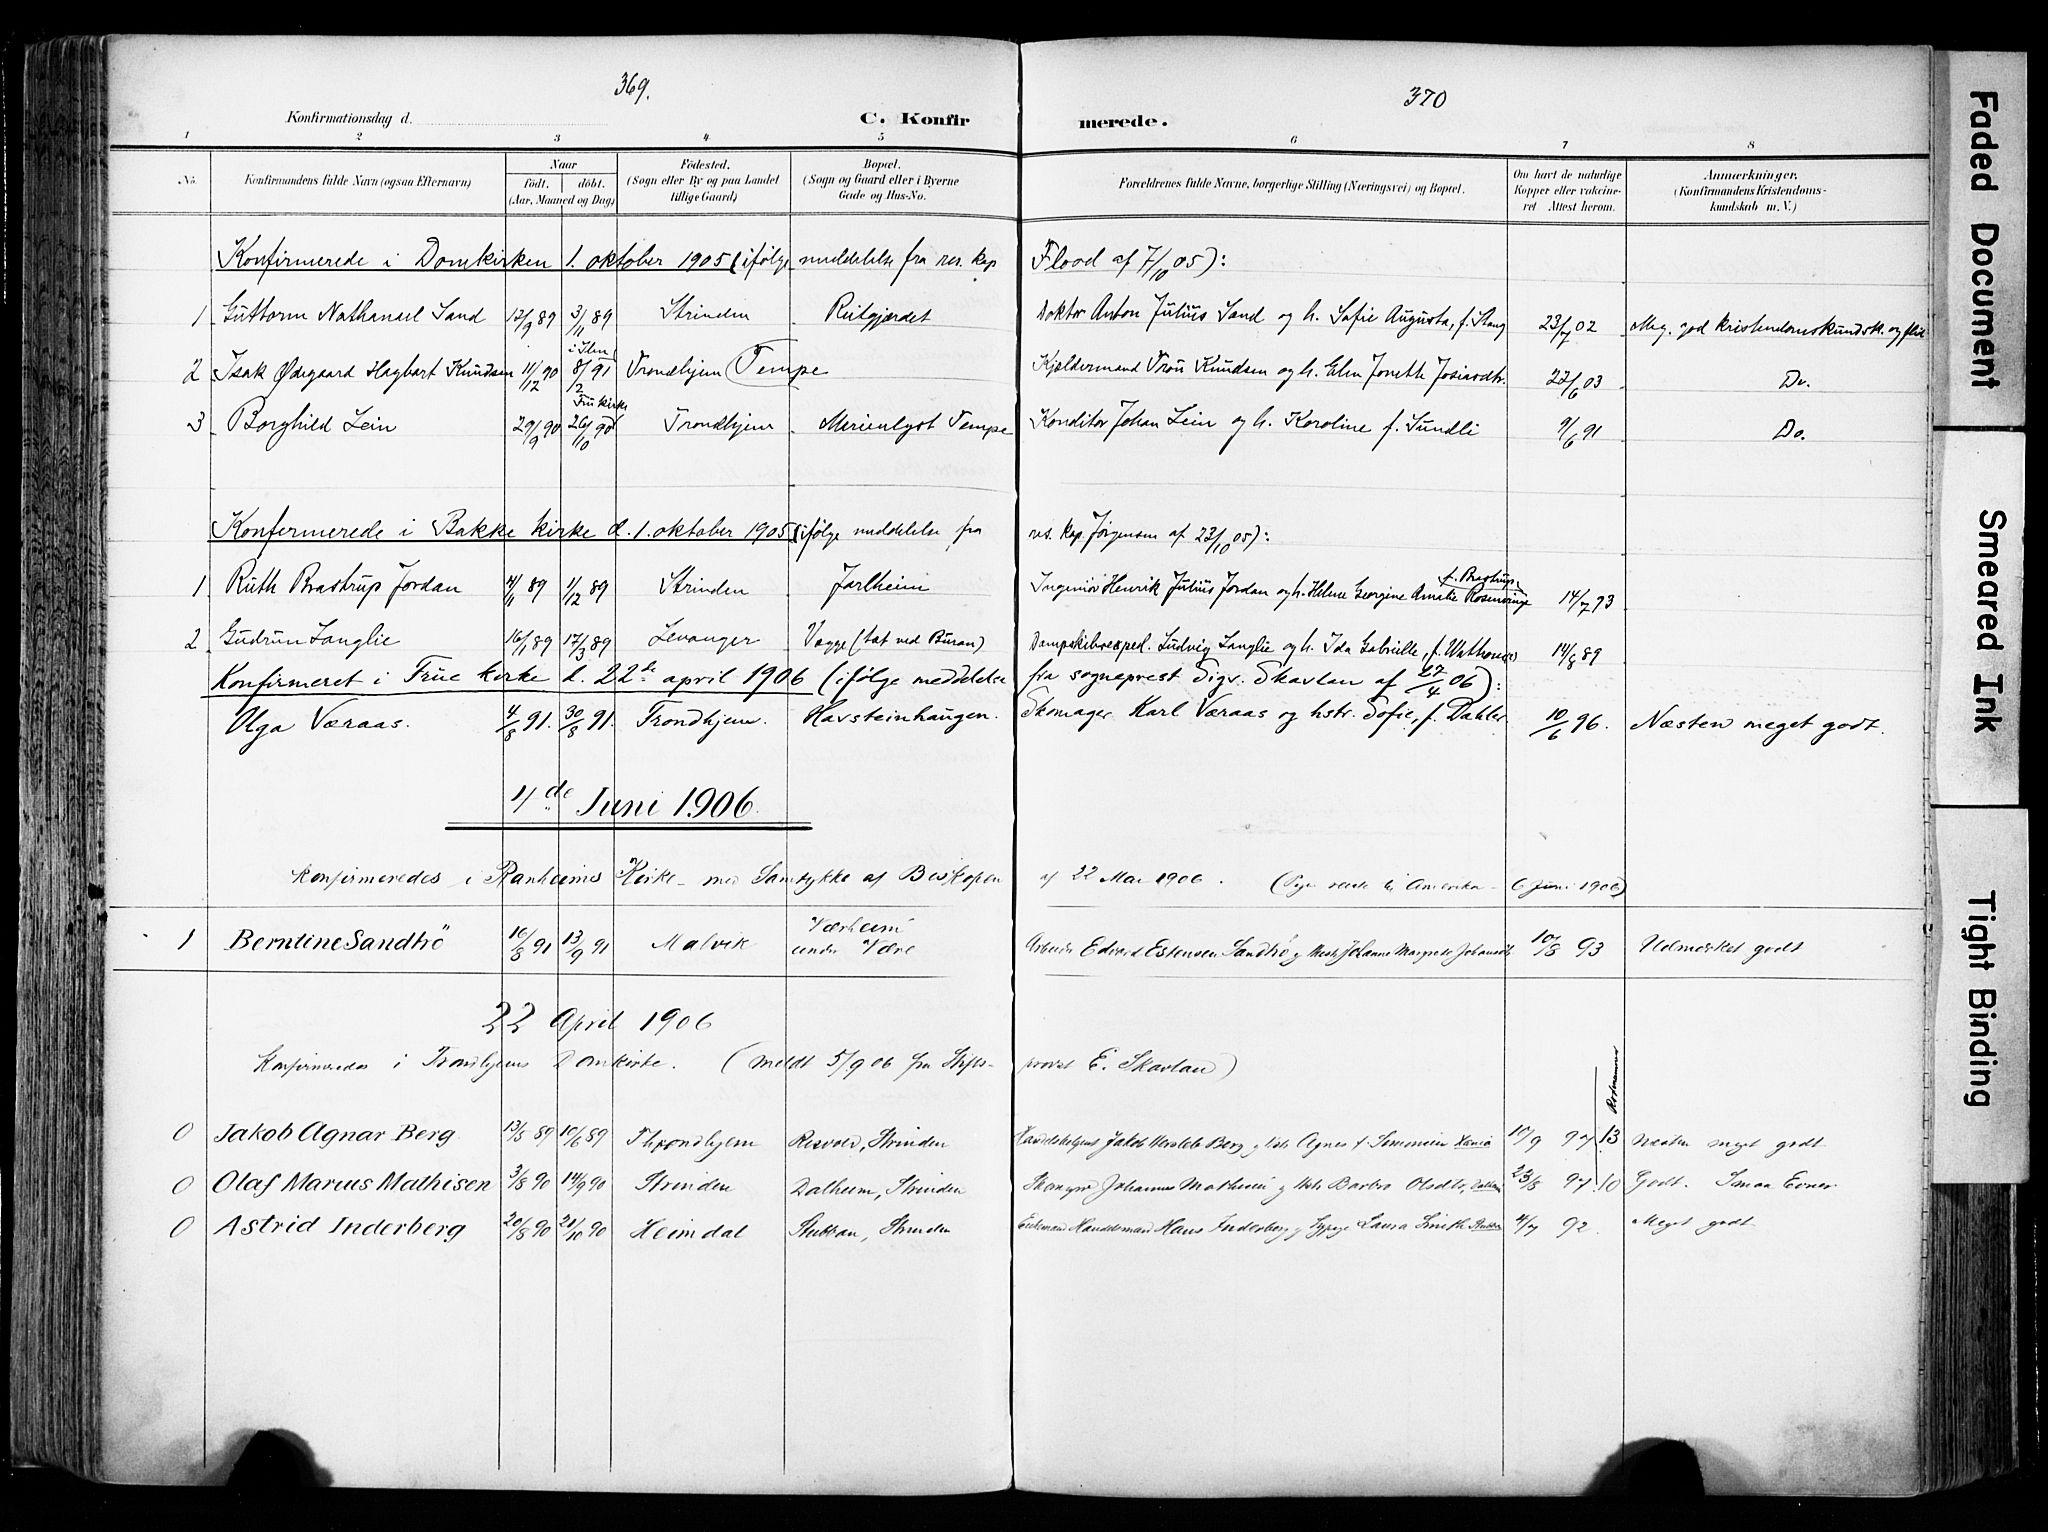 SAT, Ministerialprotokoller, klokkerbøker og fødselsregistre - Sør-Trøndelag, 606/L0301: Ministerialbok nr. 606A16, 1894-1907, s. 369-370